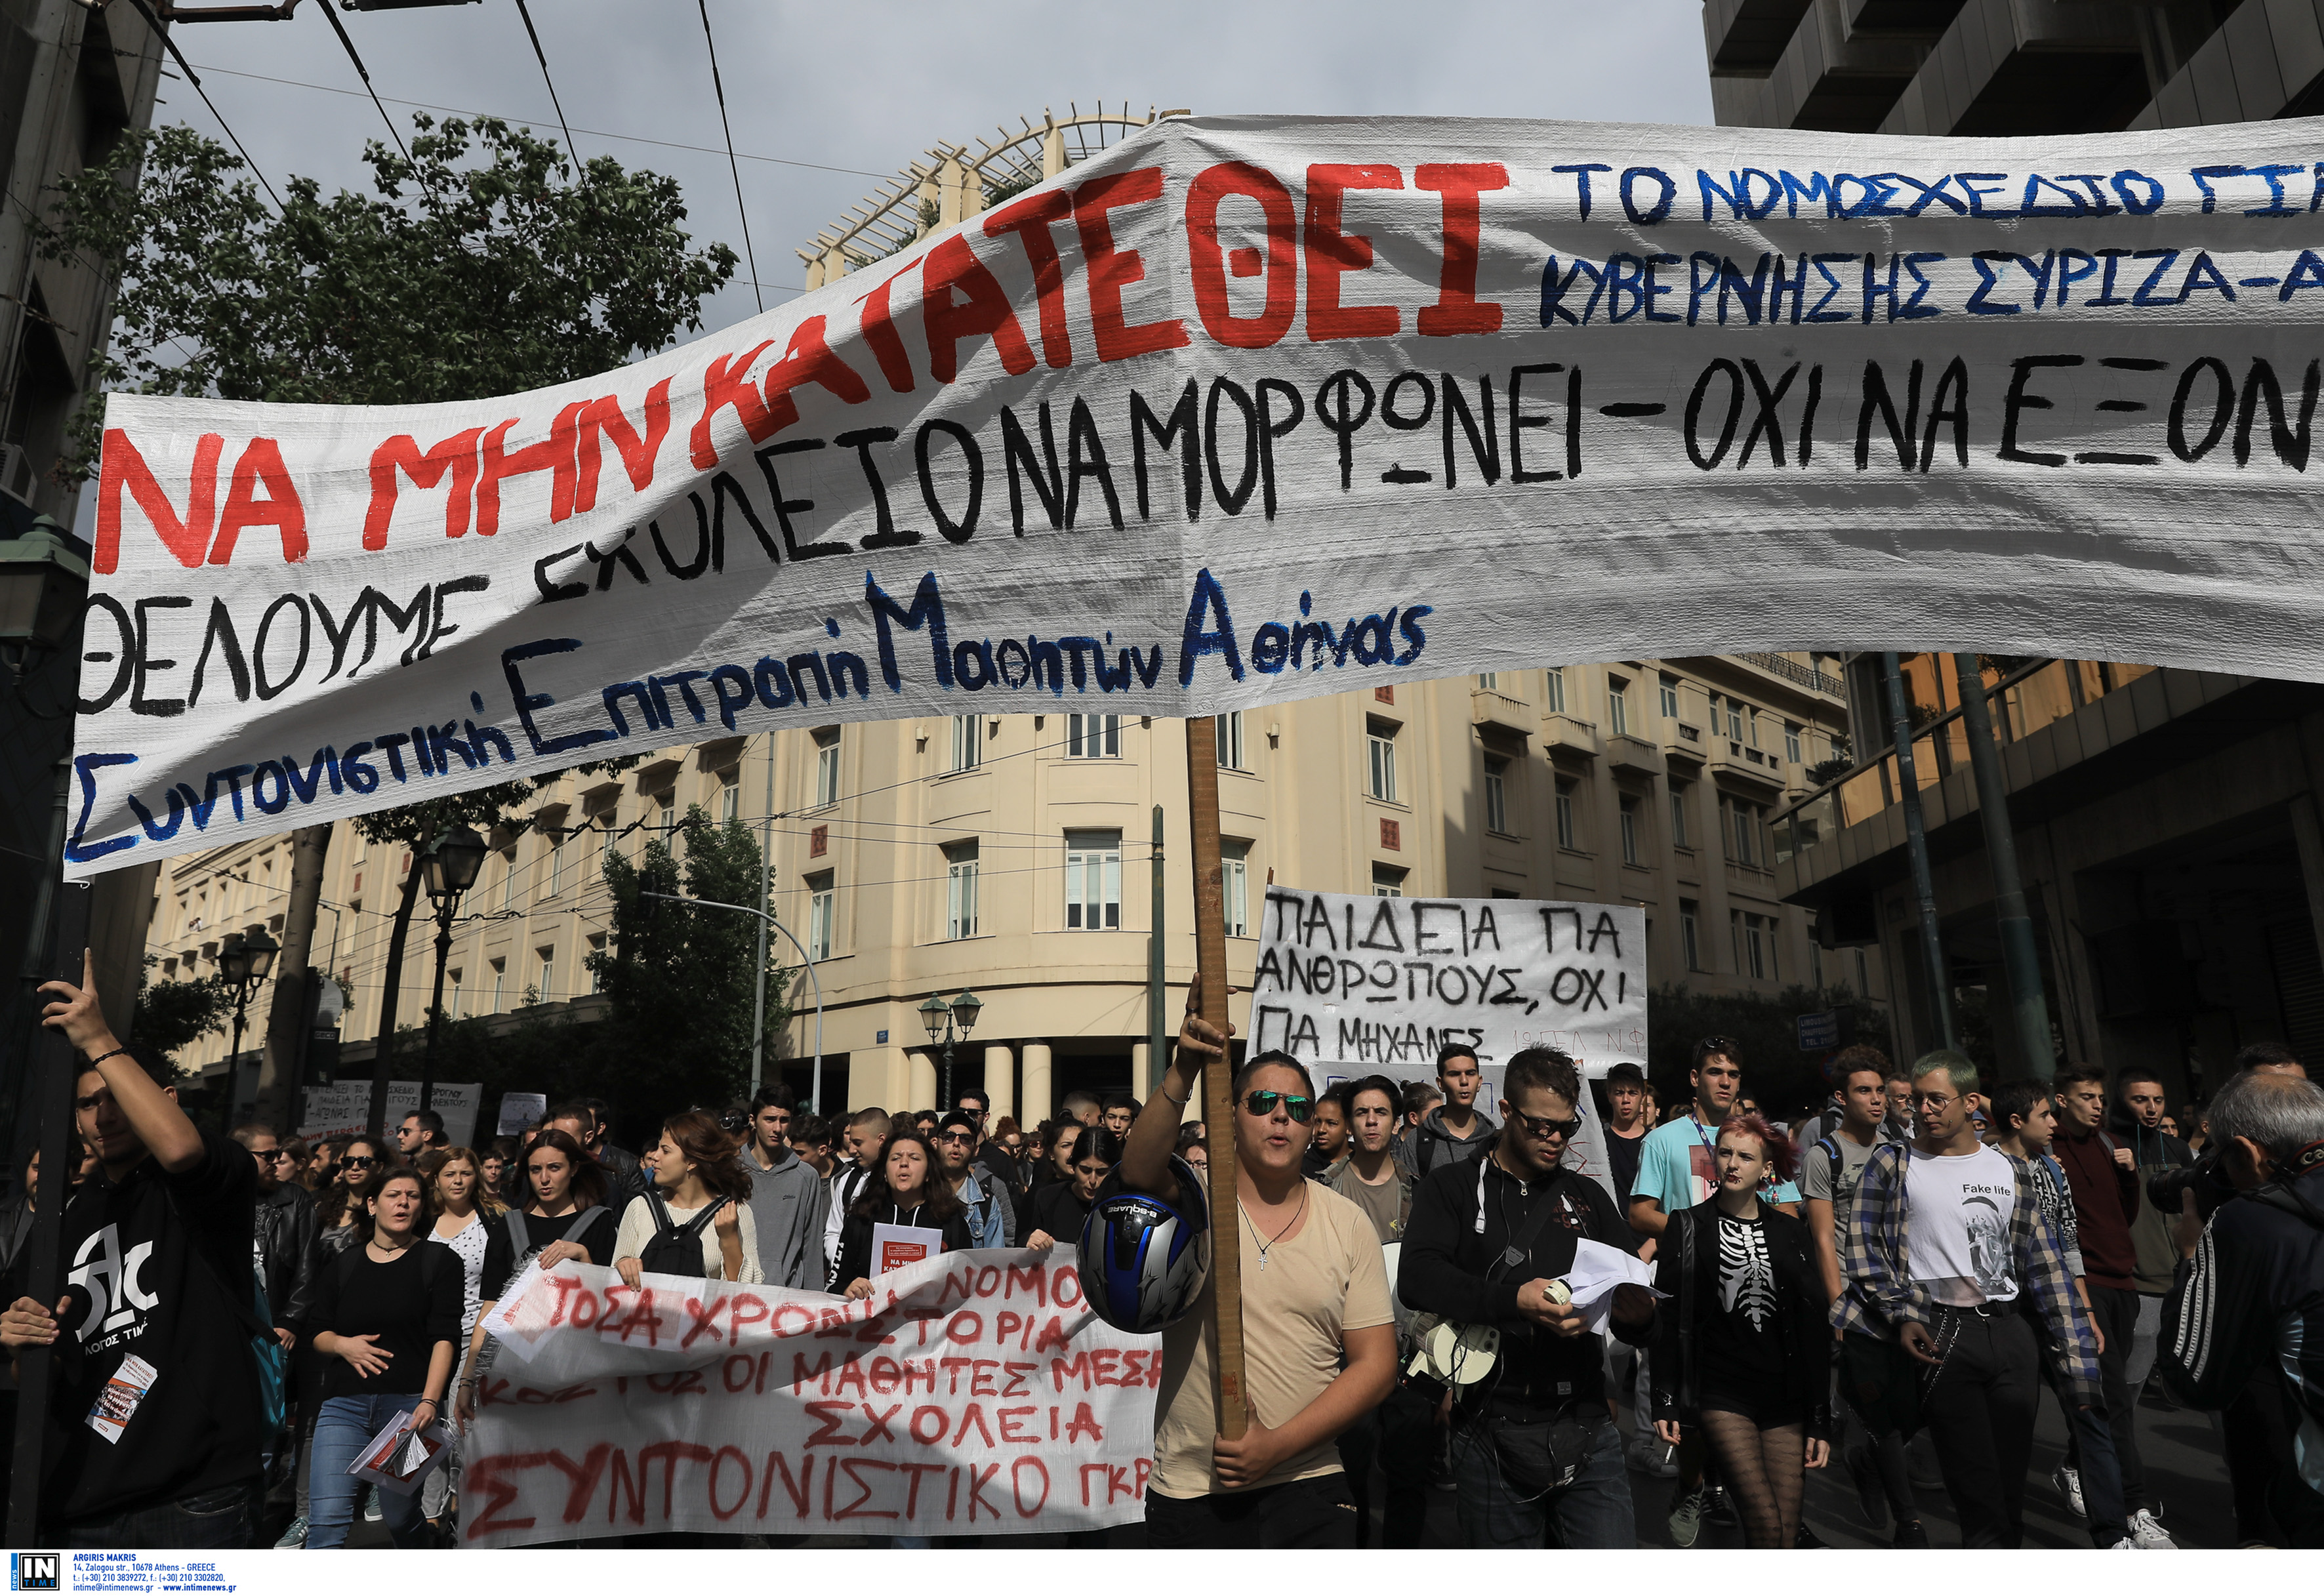 Έκτακτες κυκλοφοριακές ρυθμίσεις στην Αθήνα – Φοιτητικό συλλαλητήριο στα Προπύλαια